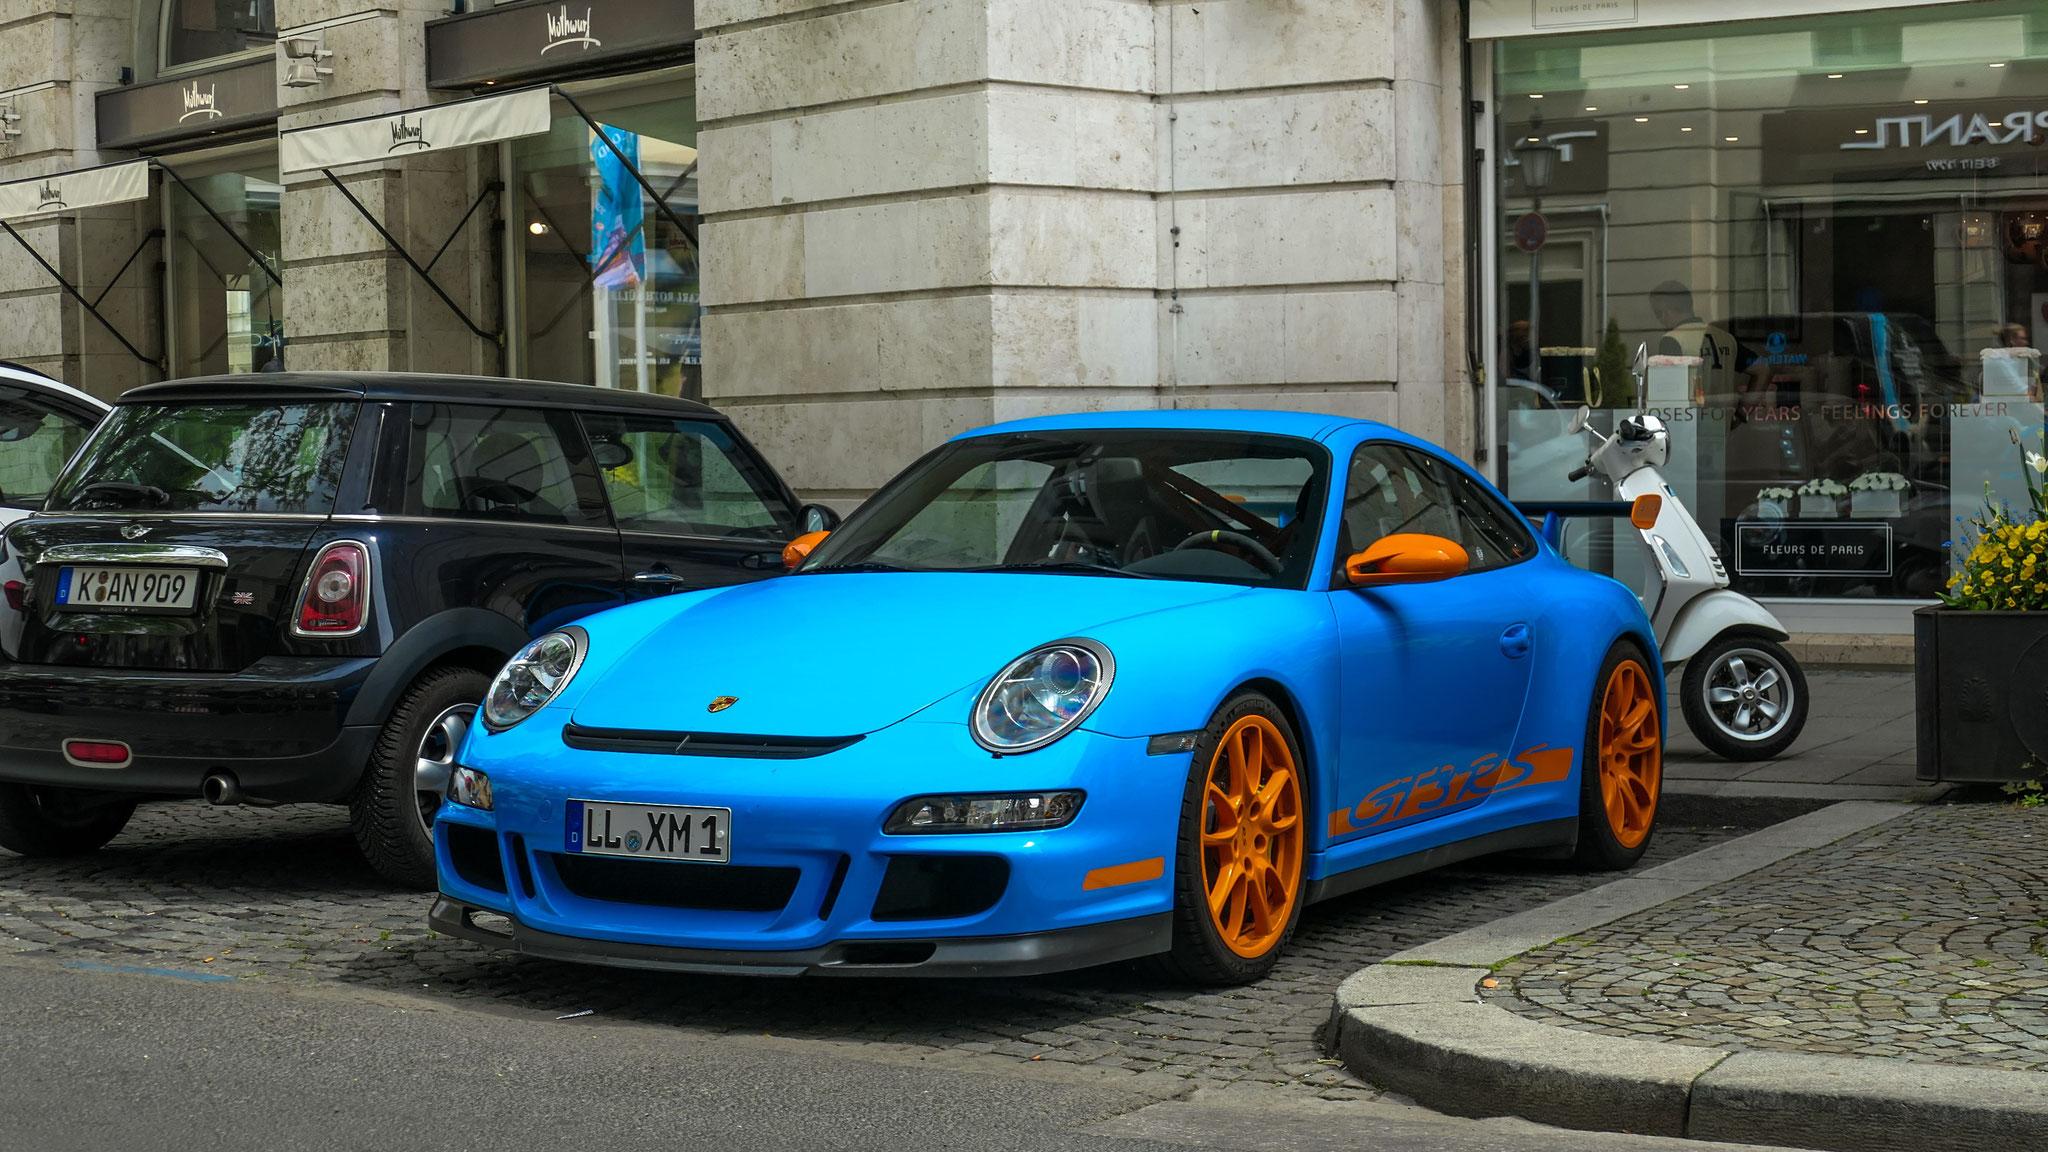 Porsche 911 GT3 RS - LL-XM-1